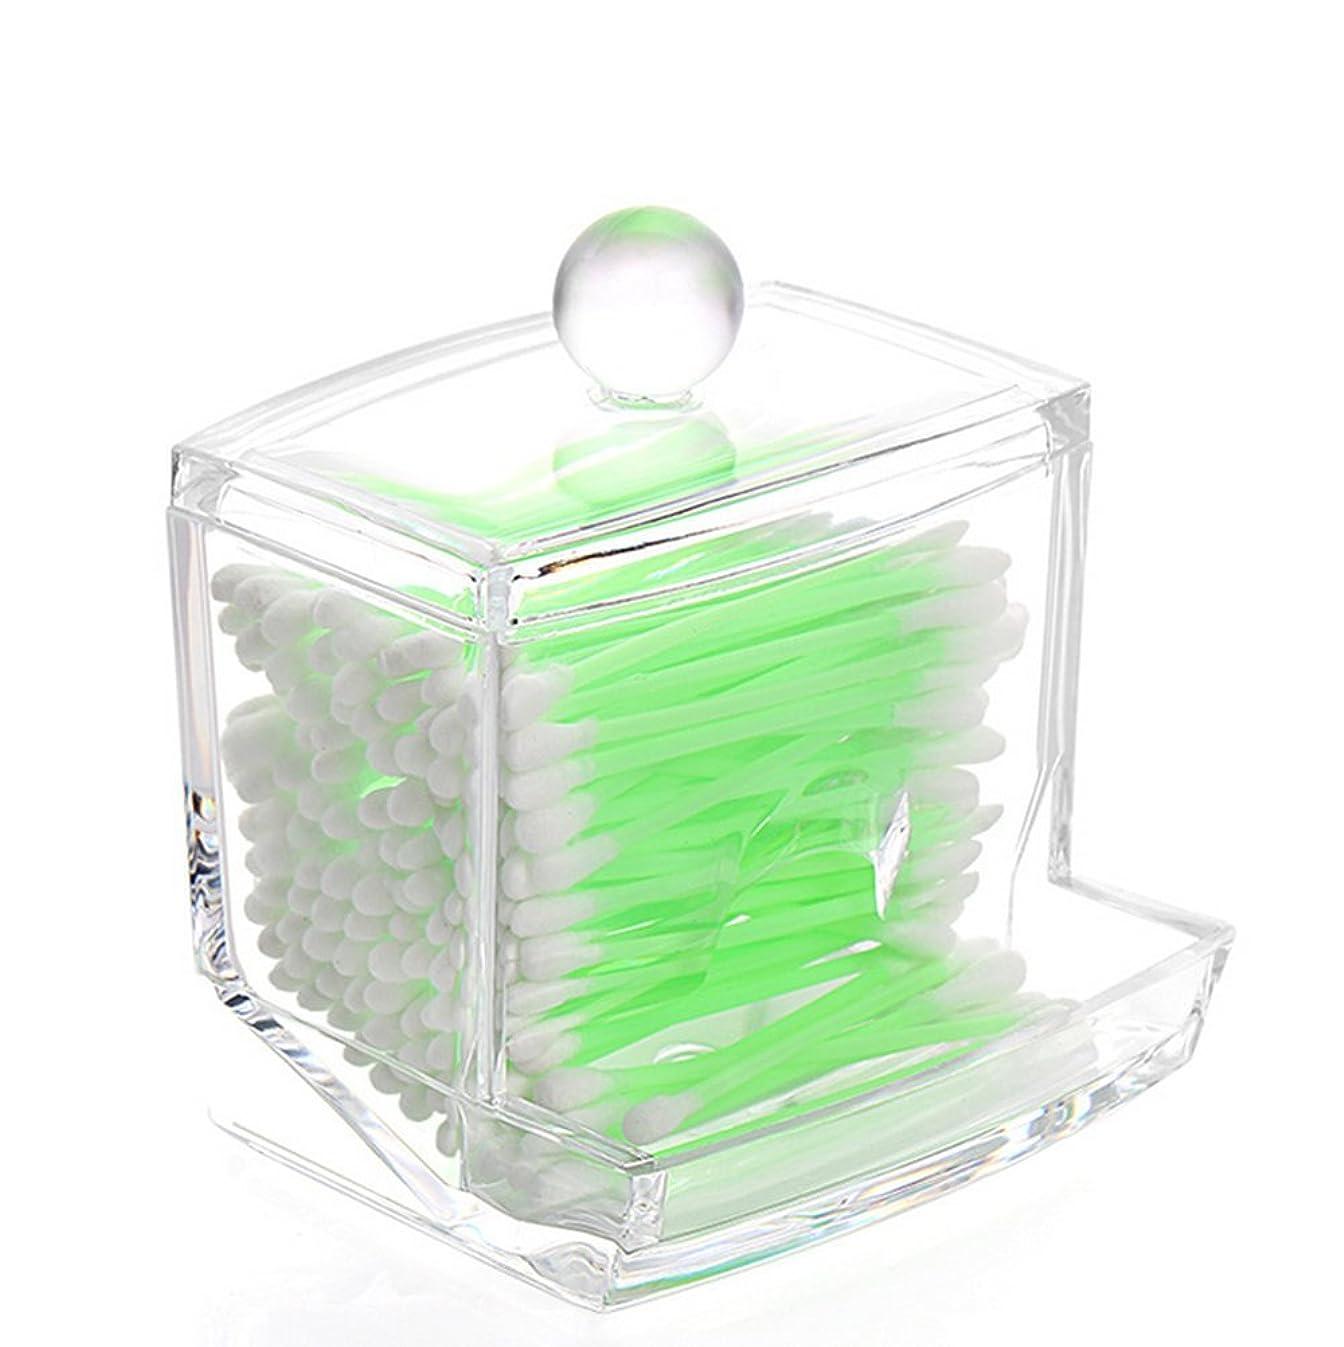 Watpot Q-Tip Cotton Swab Holder Dispenser Clear Acrylic Cotton Balls Storage Case Makeup Cotton Swabs Organizer Container